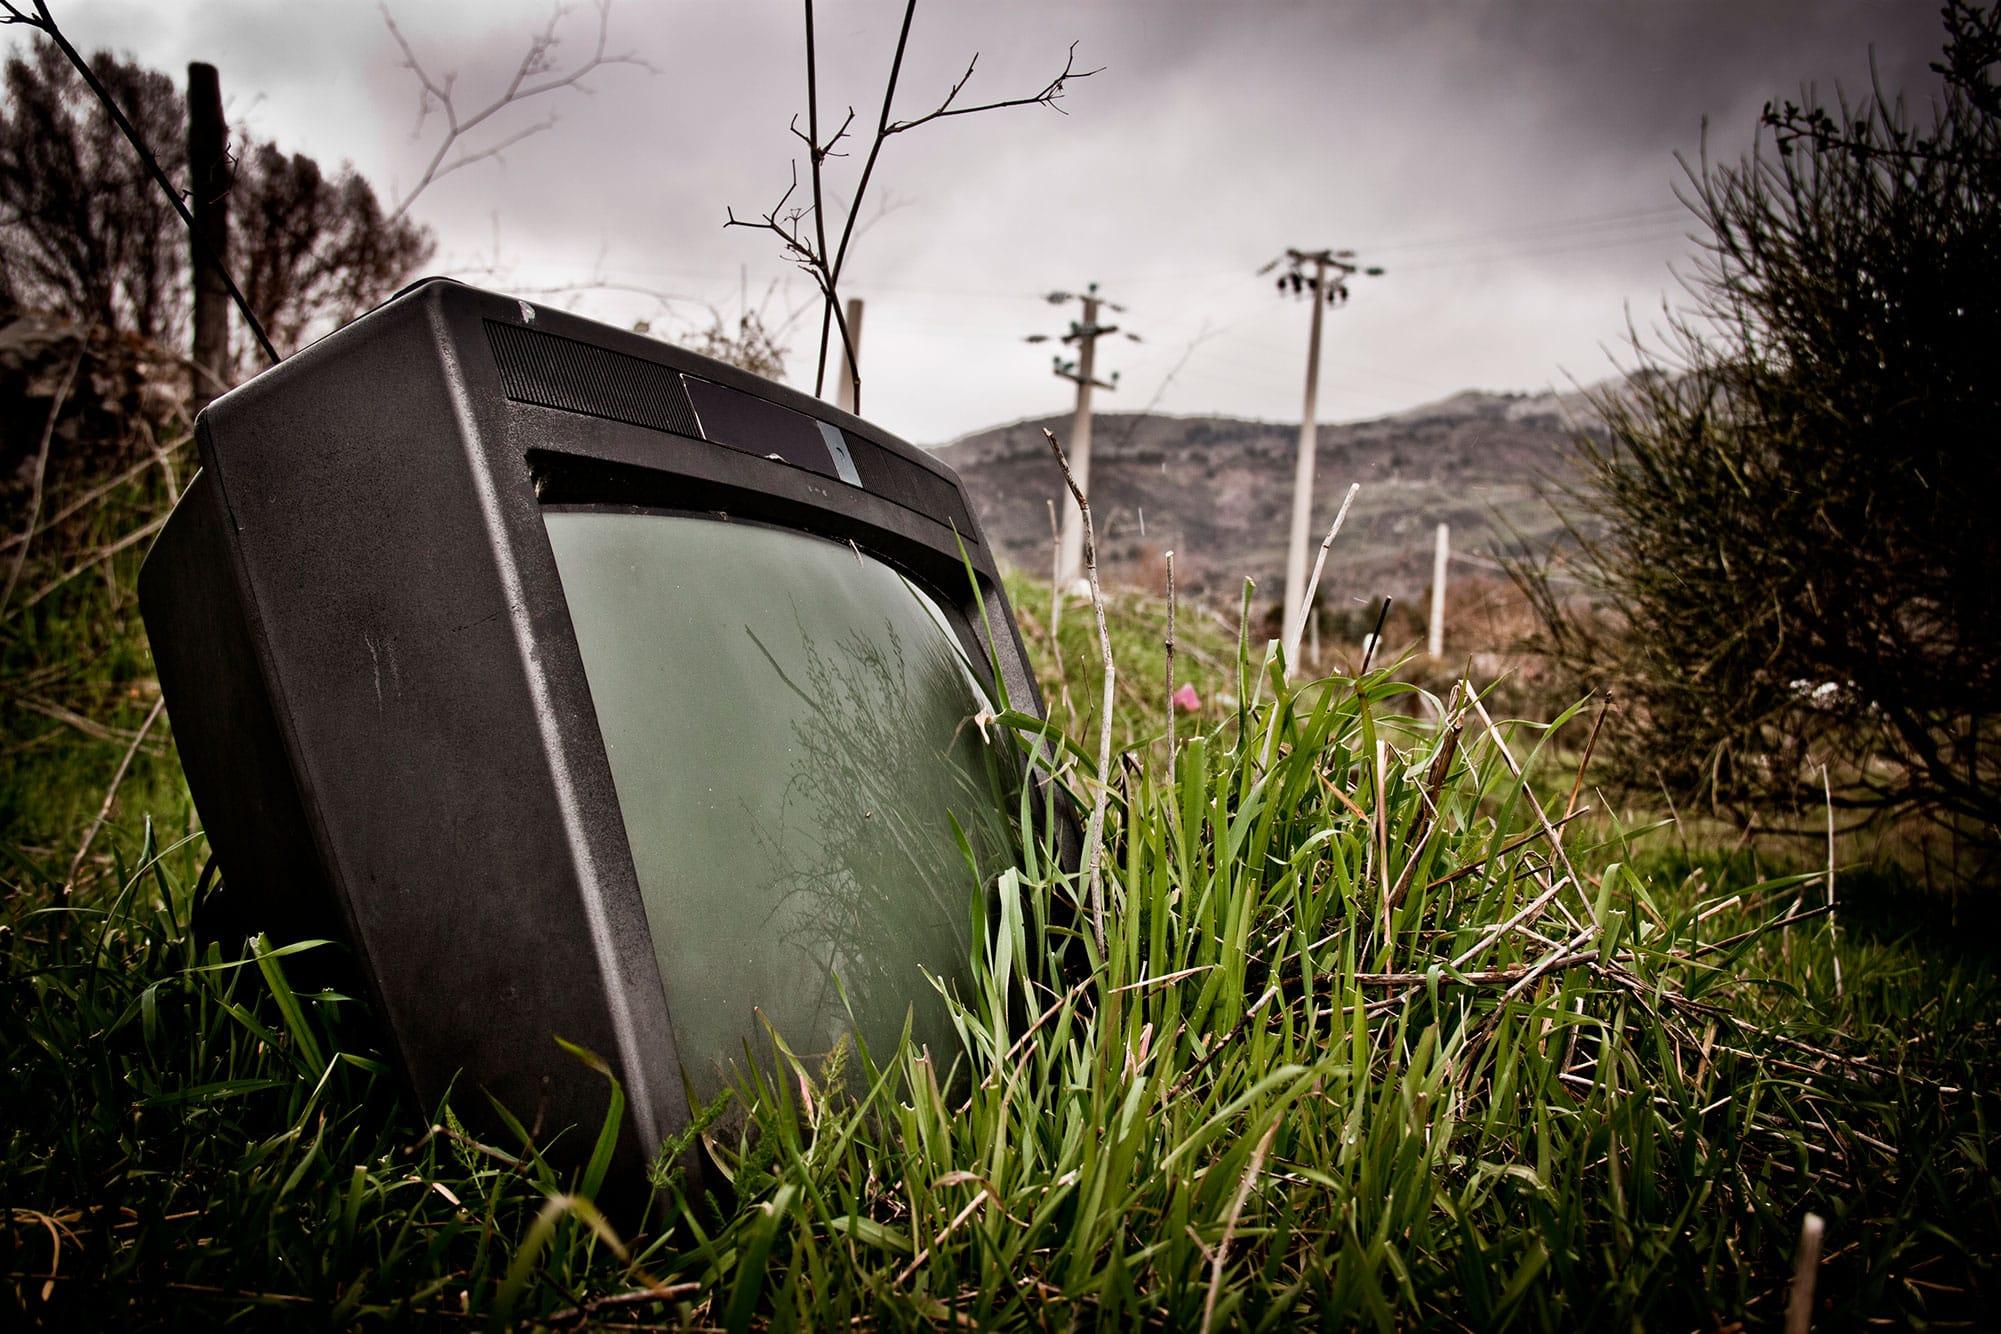 HOP lance un appel aux fabricants pour des téléviseurs plus durables